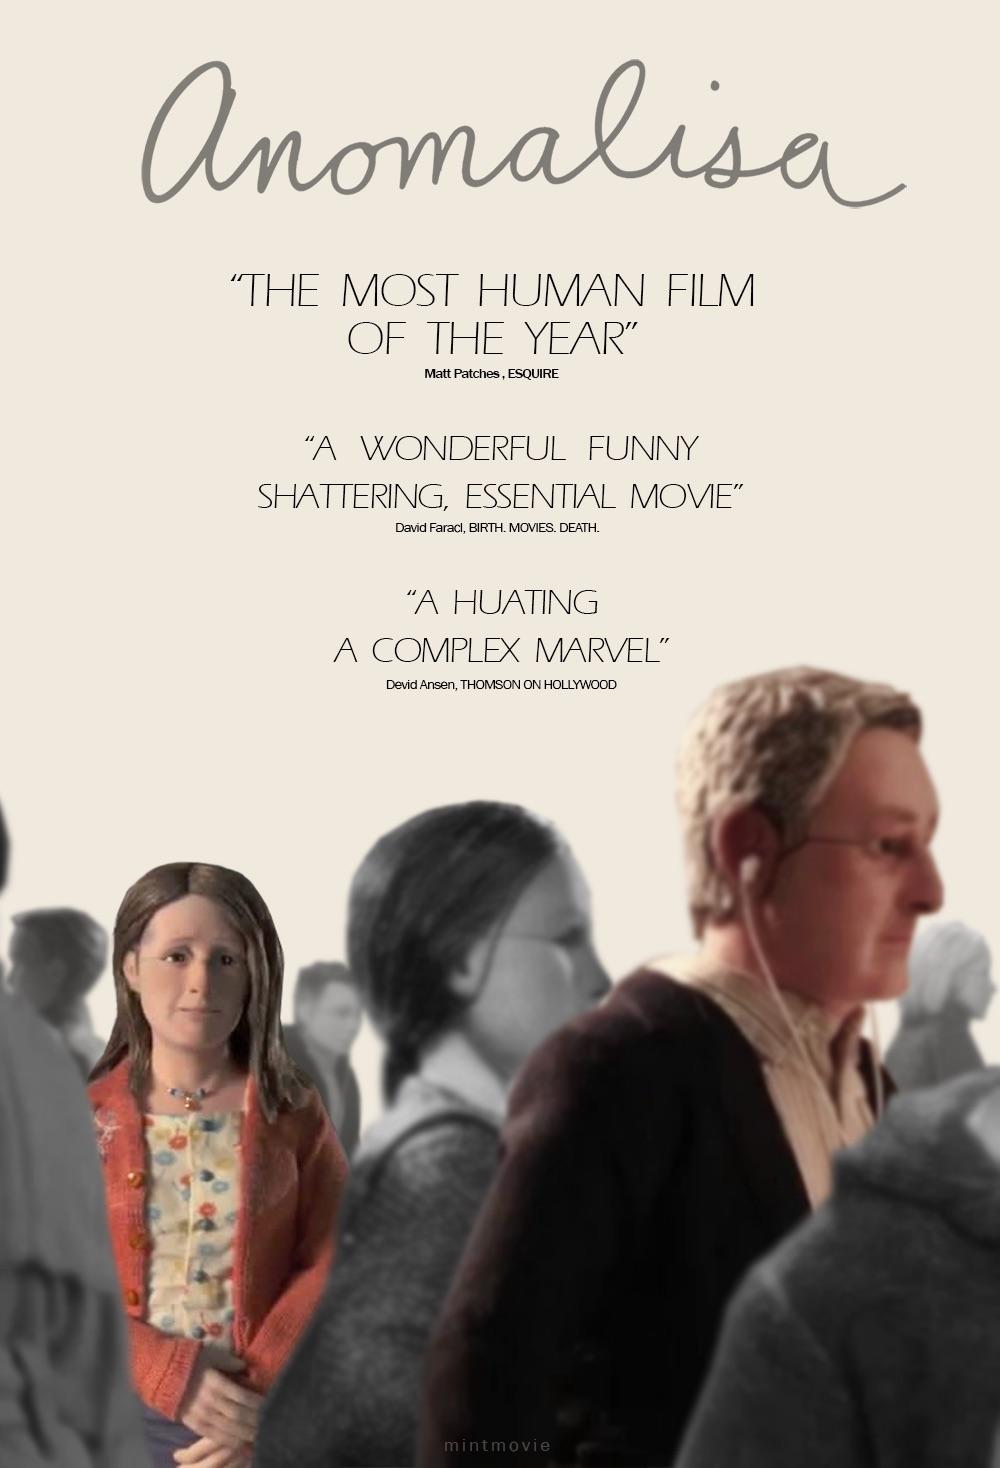 phim hoạt tình tình cảm lãng mạn anomalisa